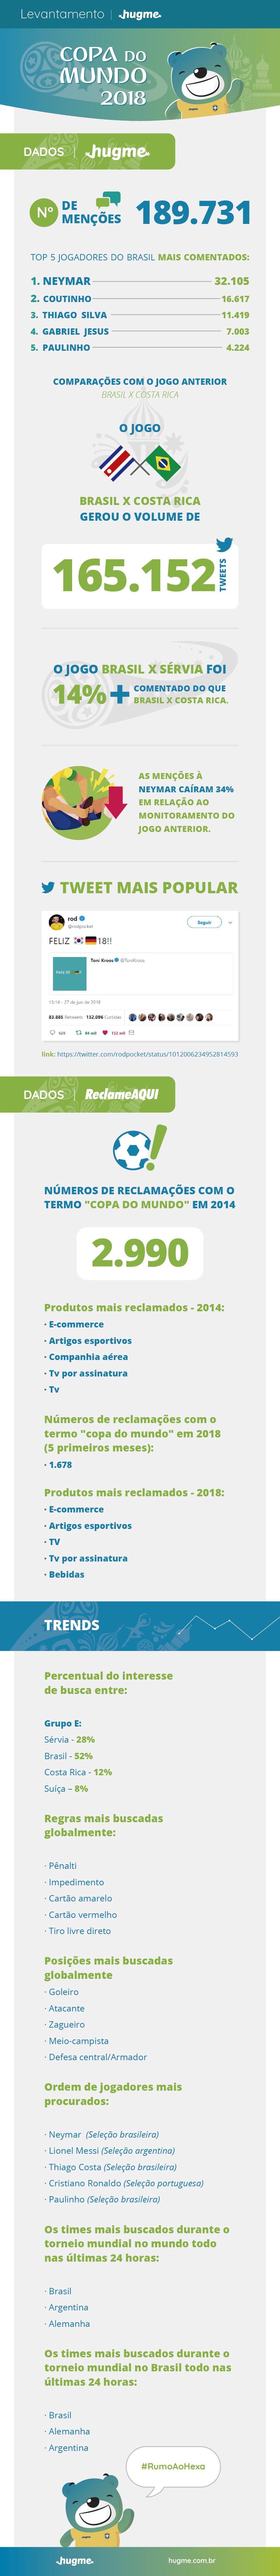 infografico-SOCRE-COPA-01